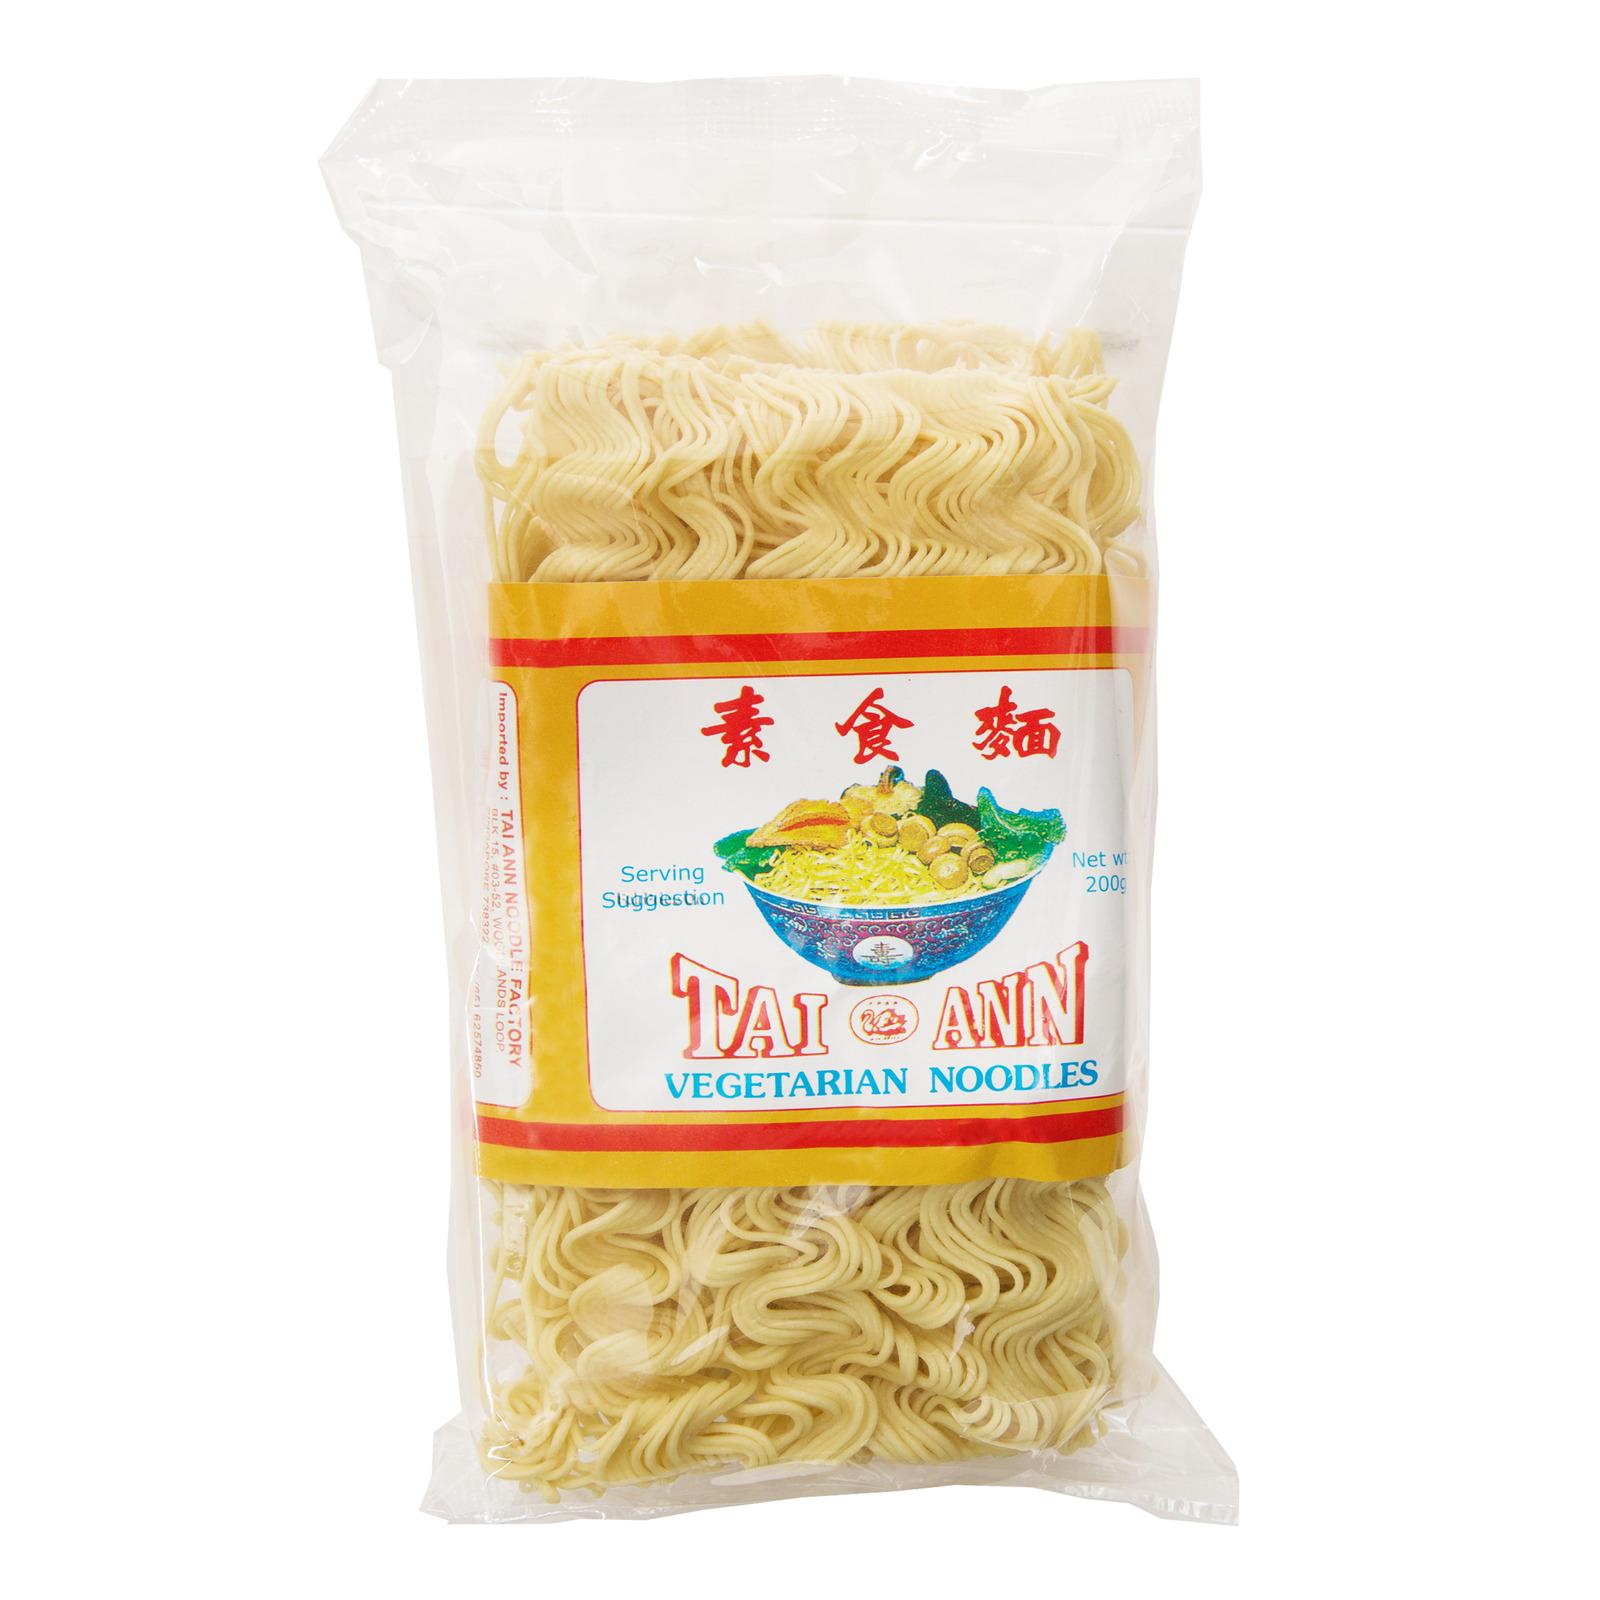 Swan Tai Ann Vegetarian Noodles